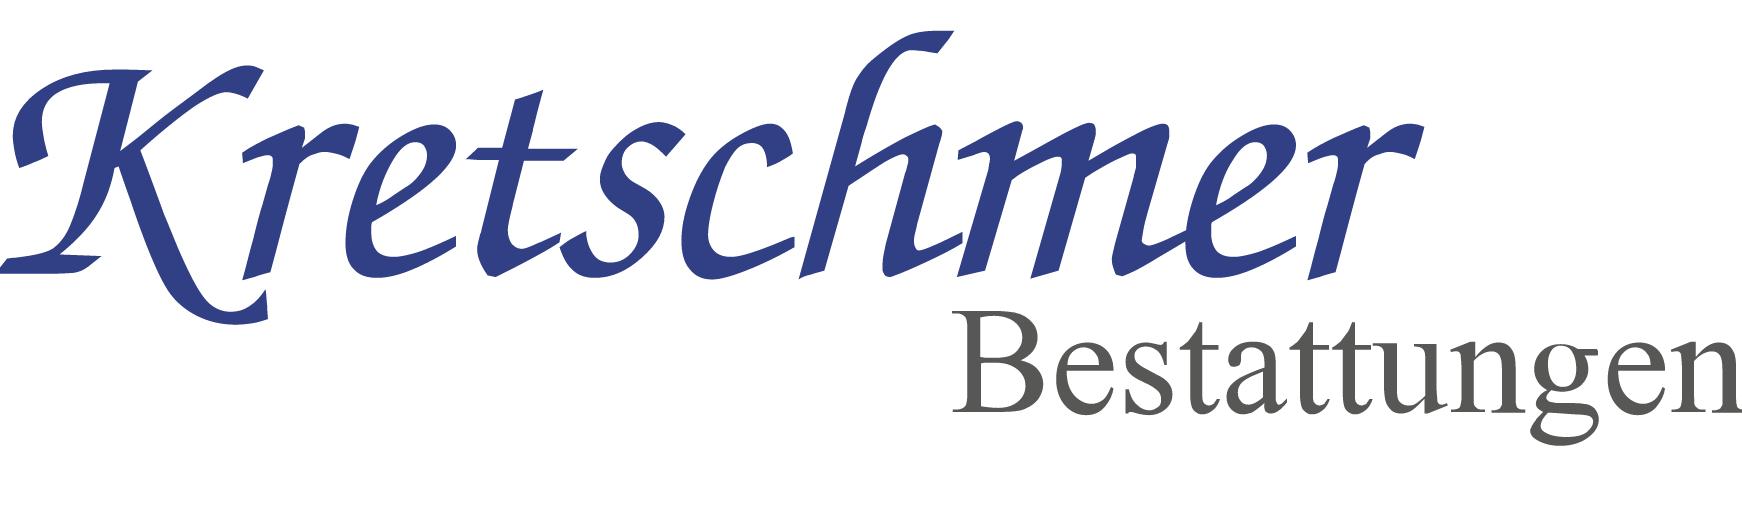 kretschmer-duisburg